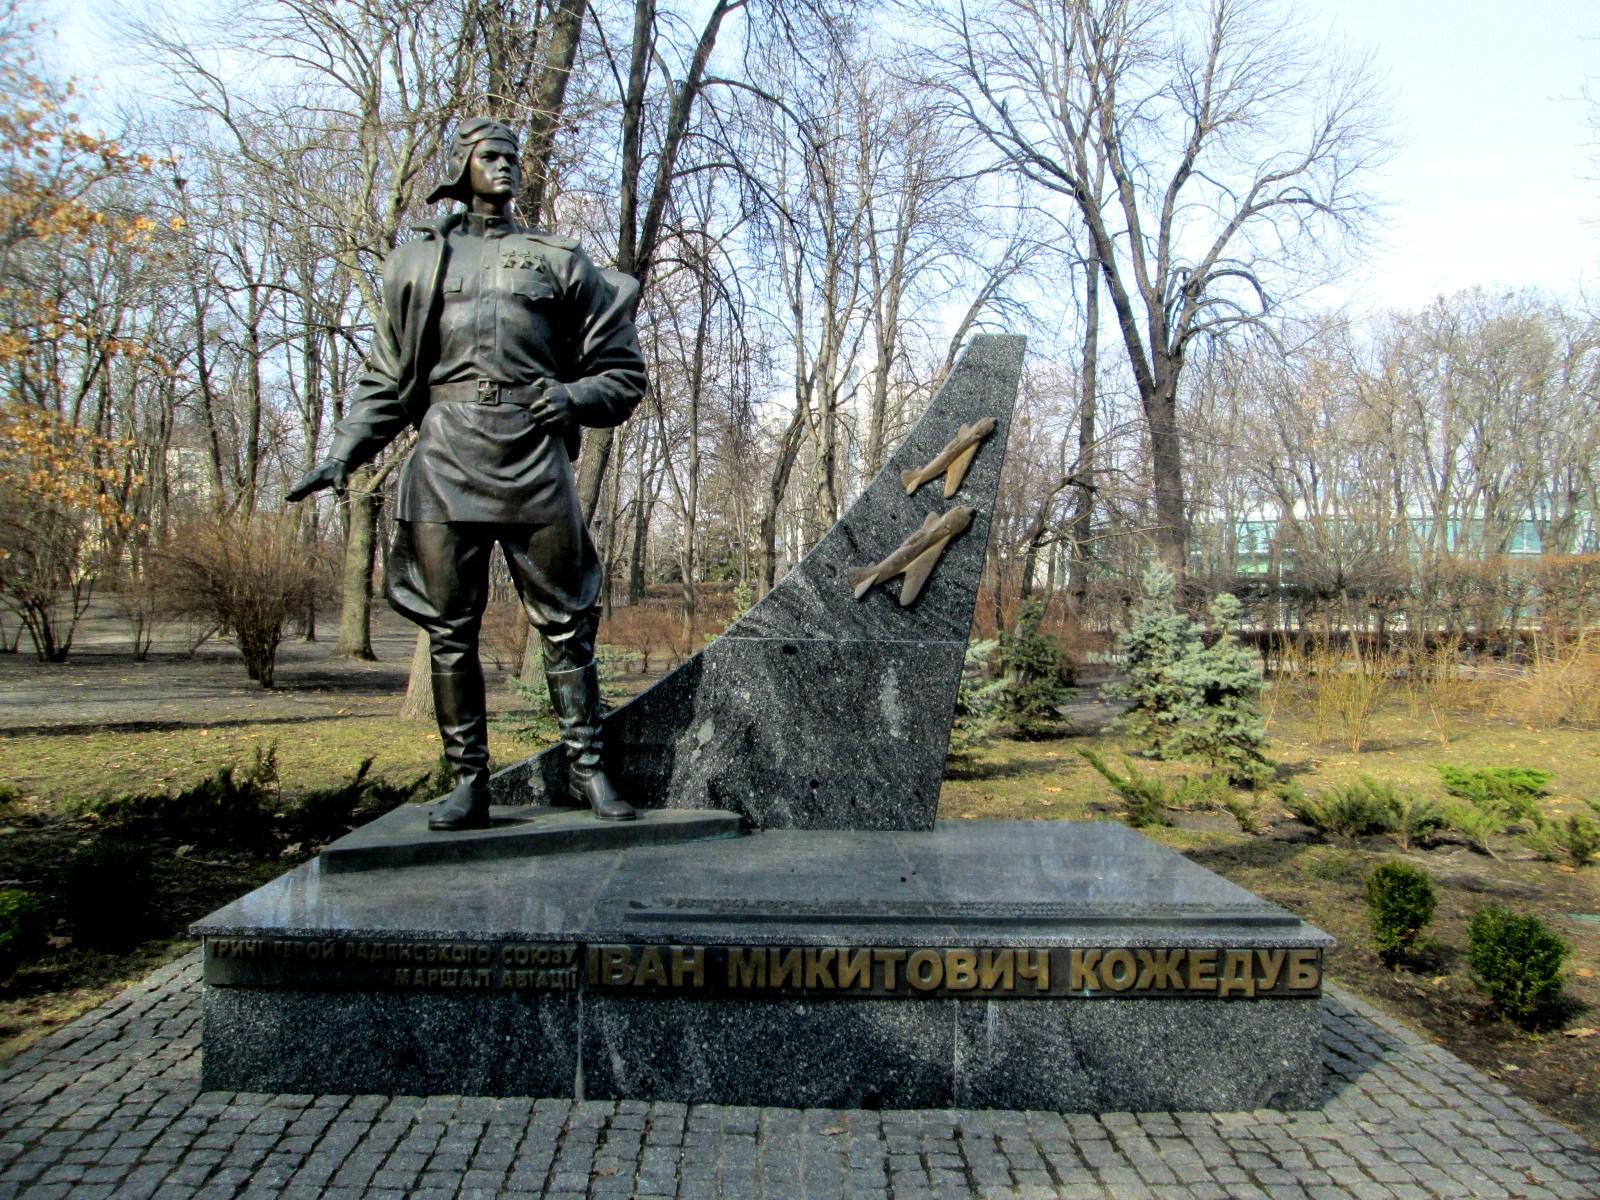 Памятник недорого цена голодомору цены на памятники в рязани в железнодорожном